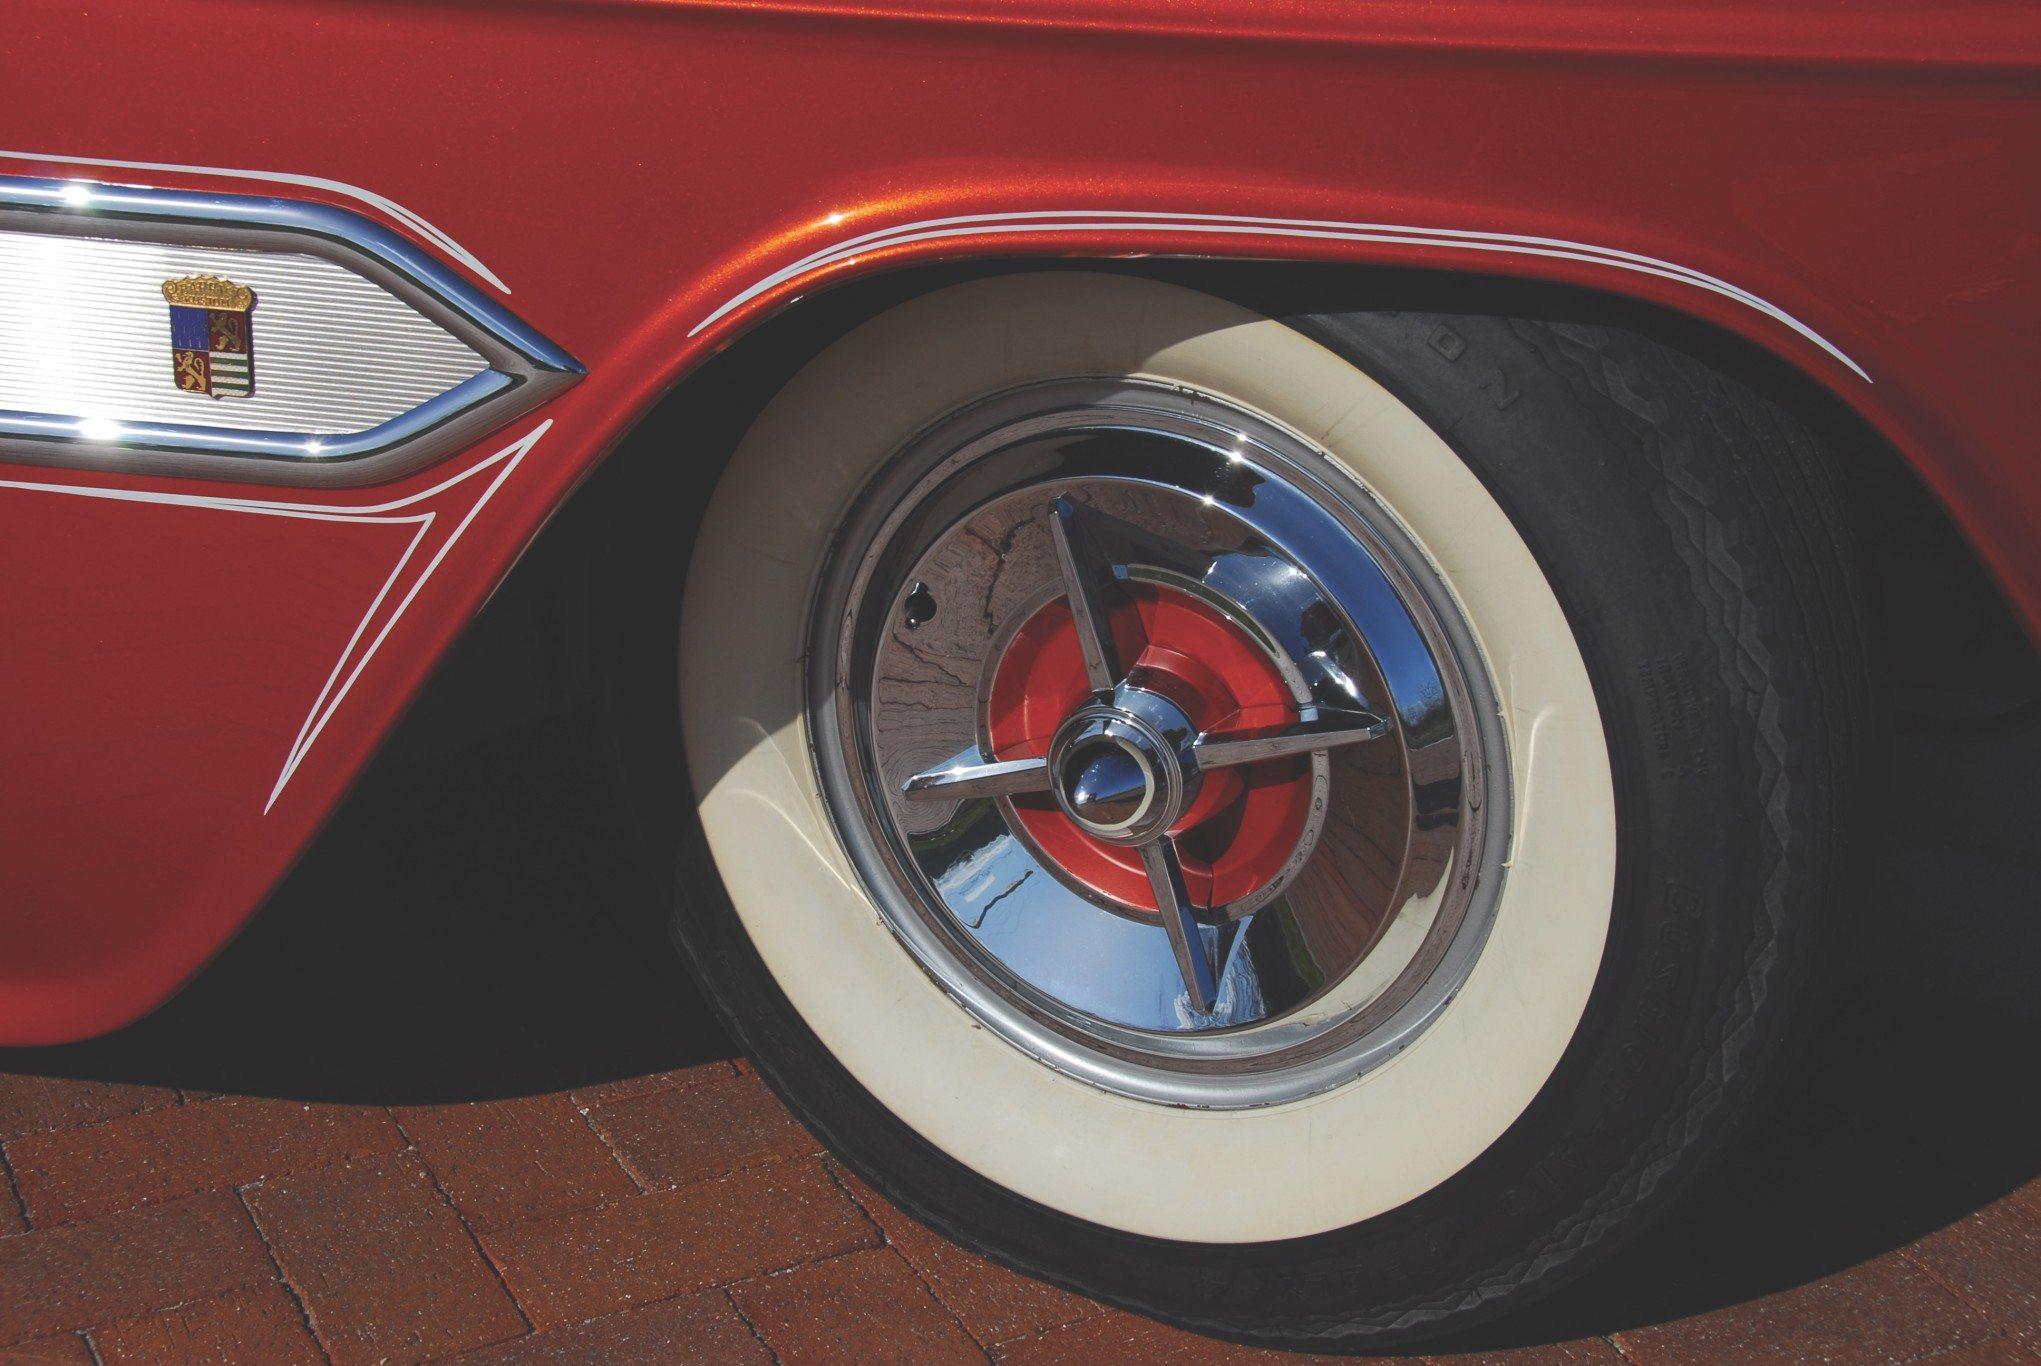 1955 Chevy Aztec Custom Wheel